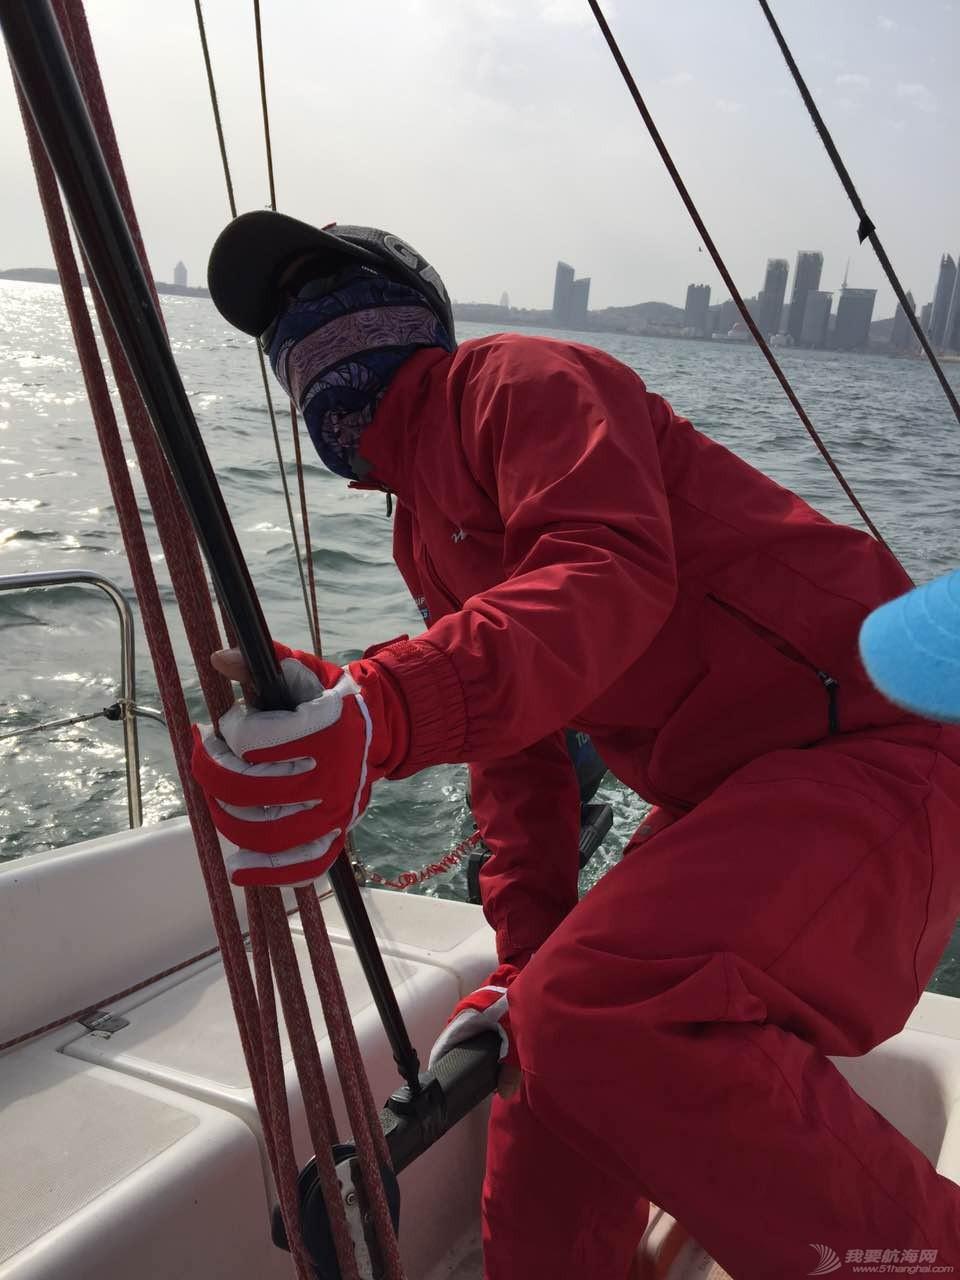 风景线,中国,青岛,帆船,照片 【20150417期:青帆协女子帆船队】 IMG_8111.JPG